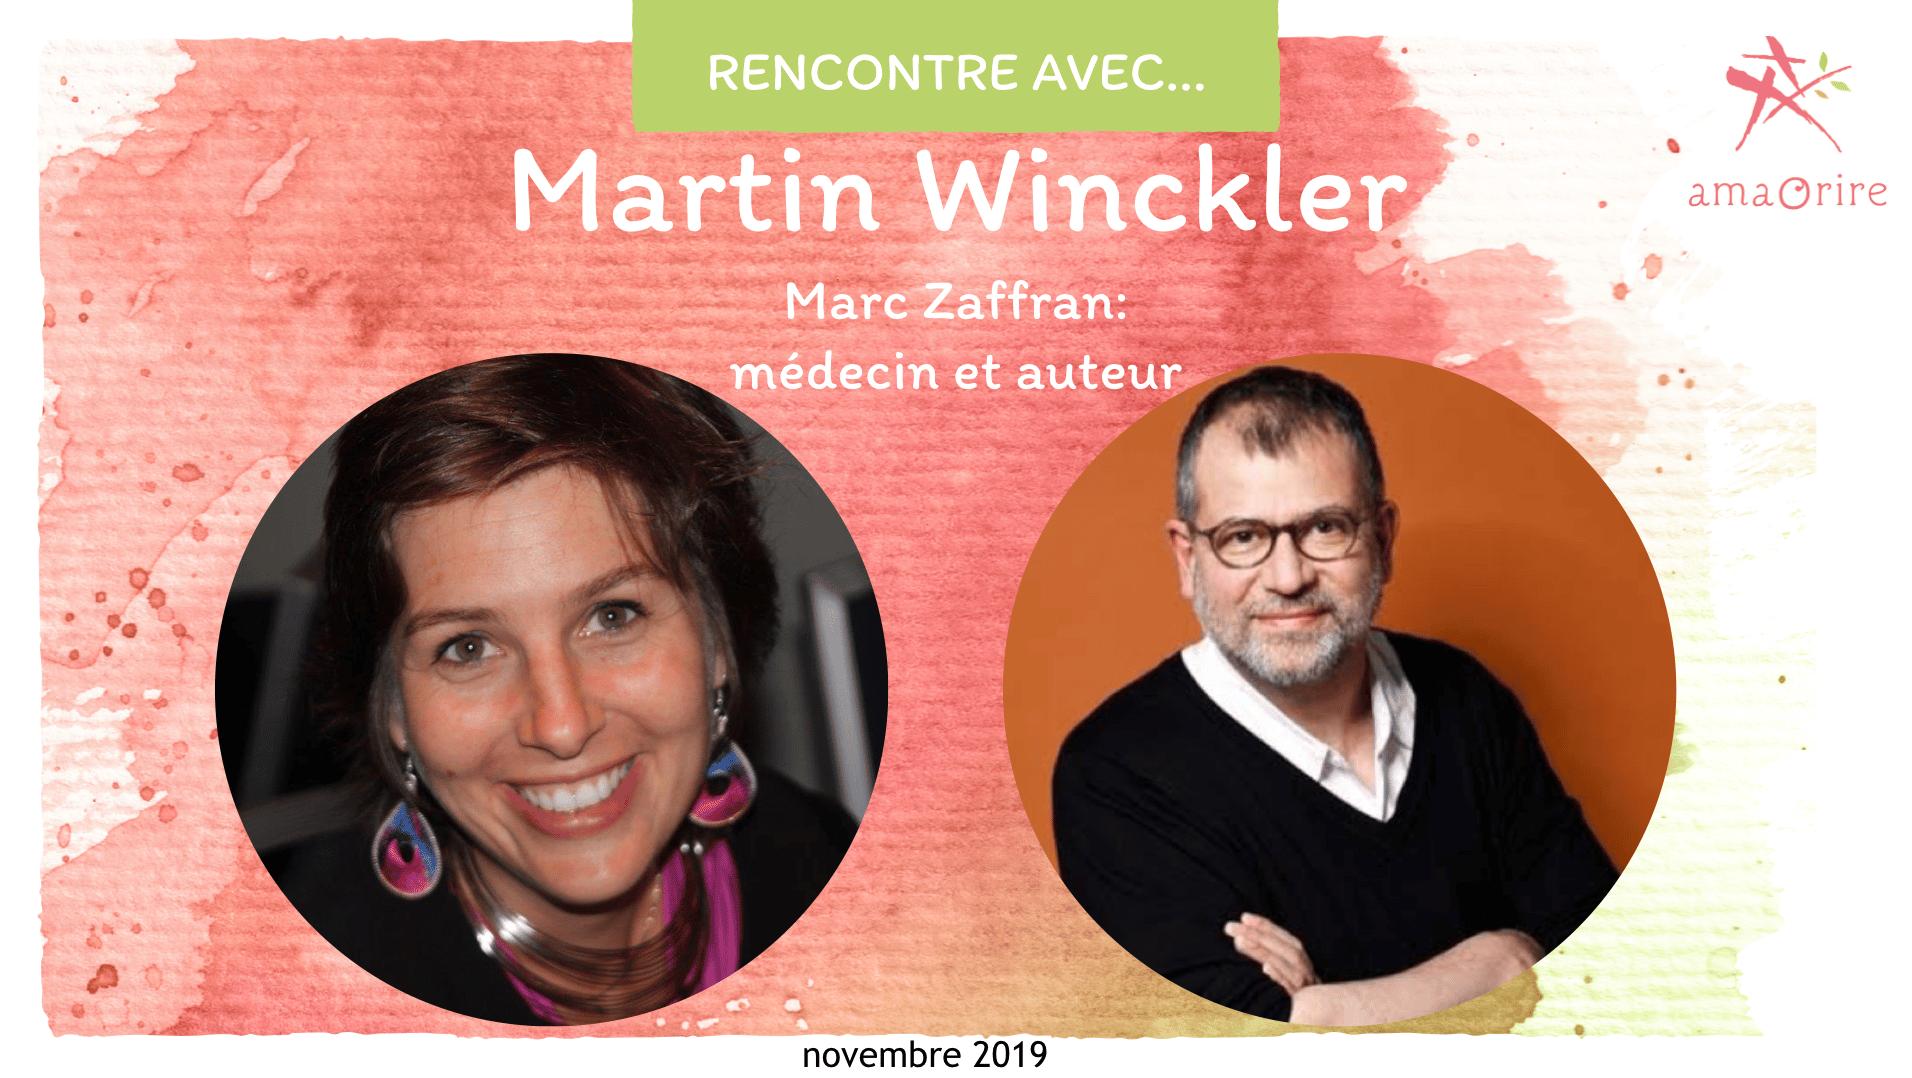 Martin Winckler: être soignant, être soignée